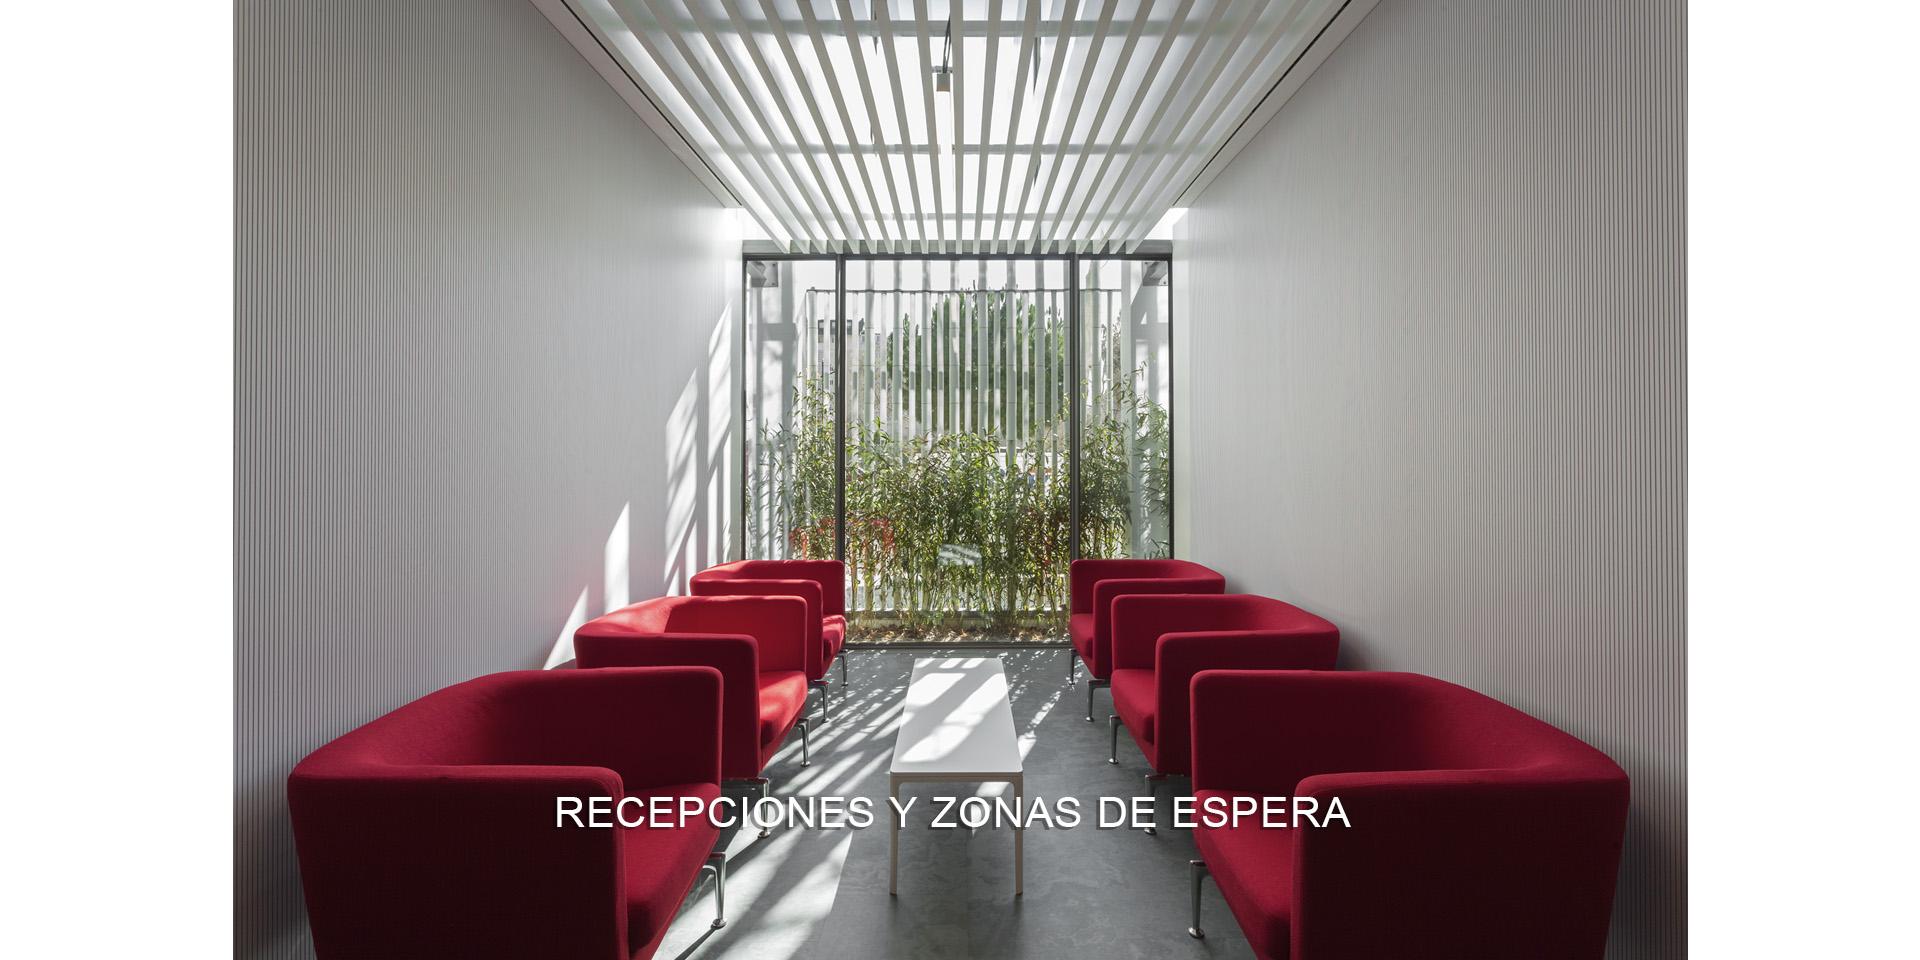 RECEPCIONES Y ZONAS DE ESPERA